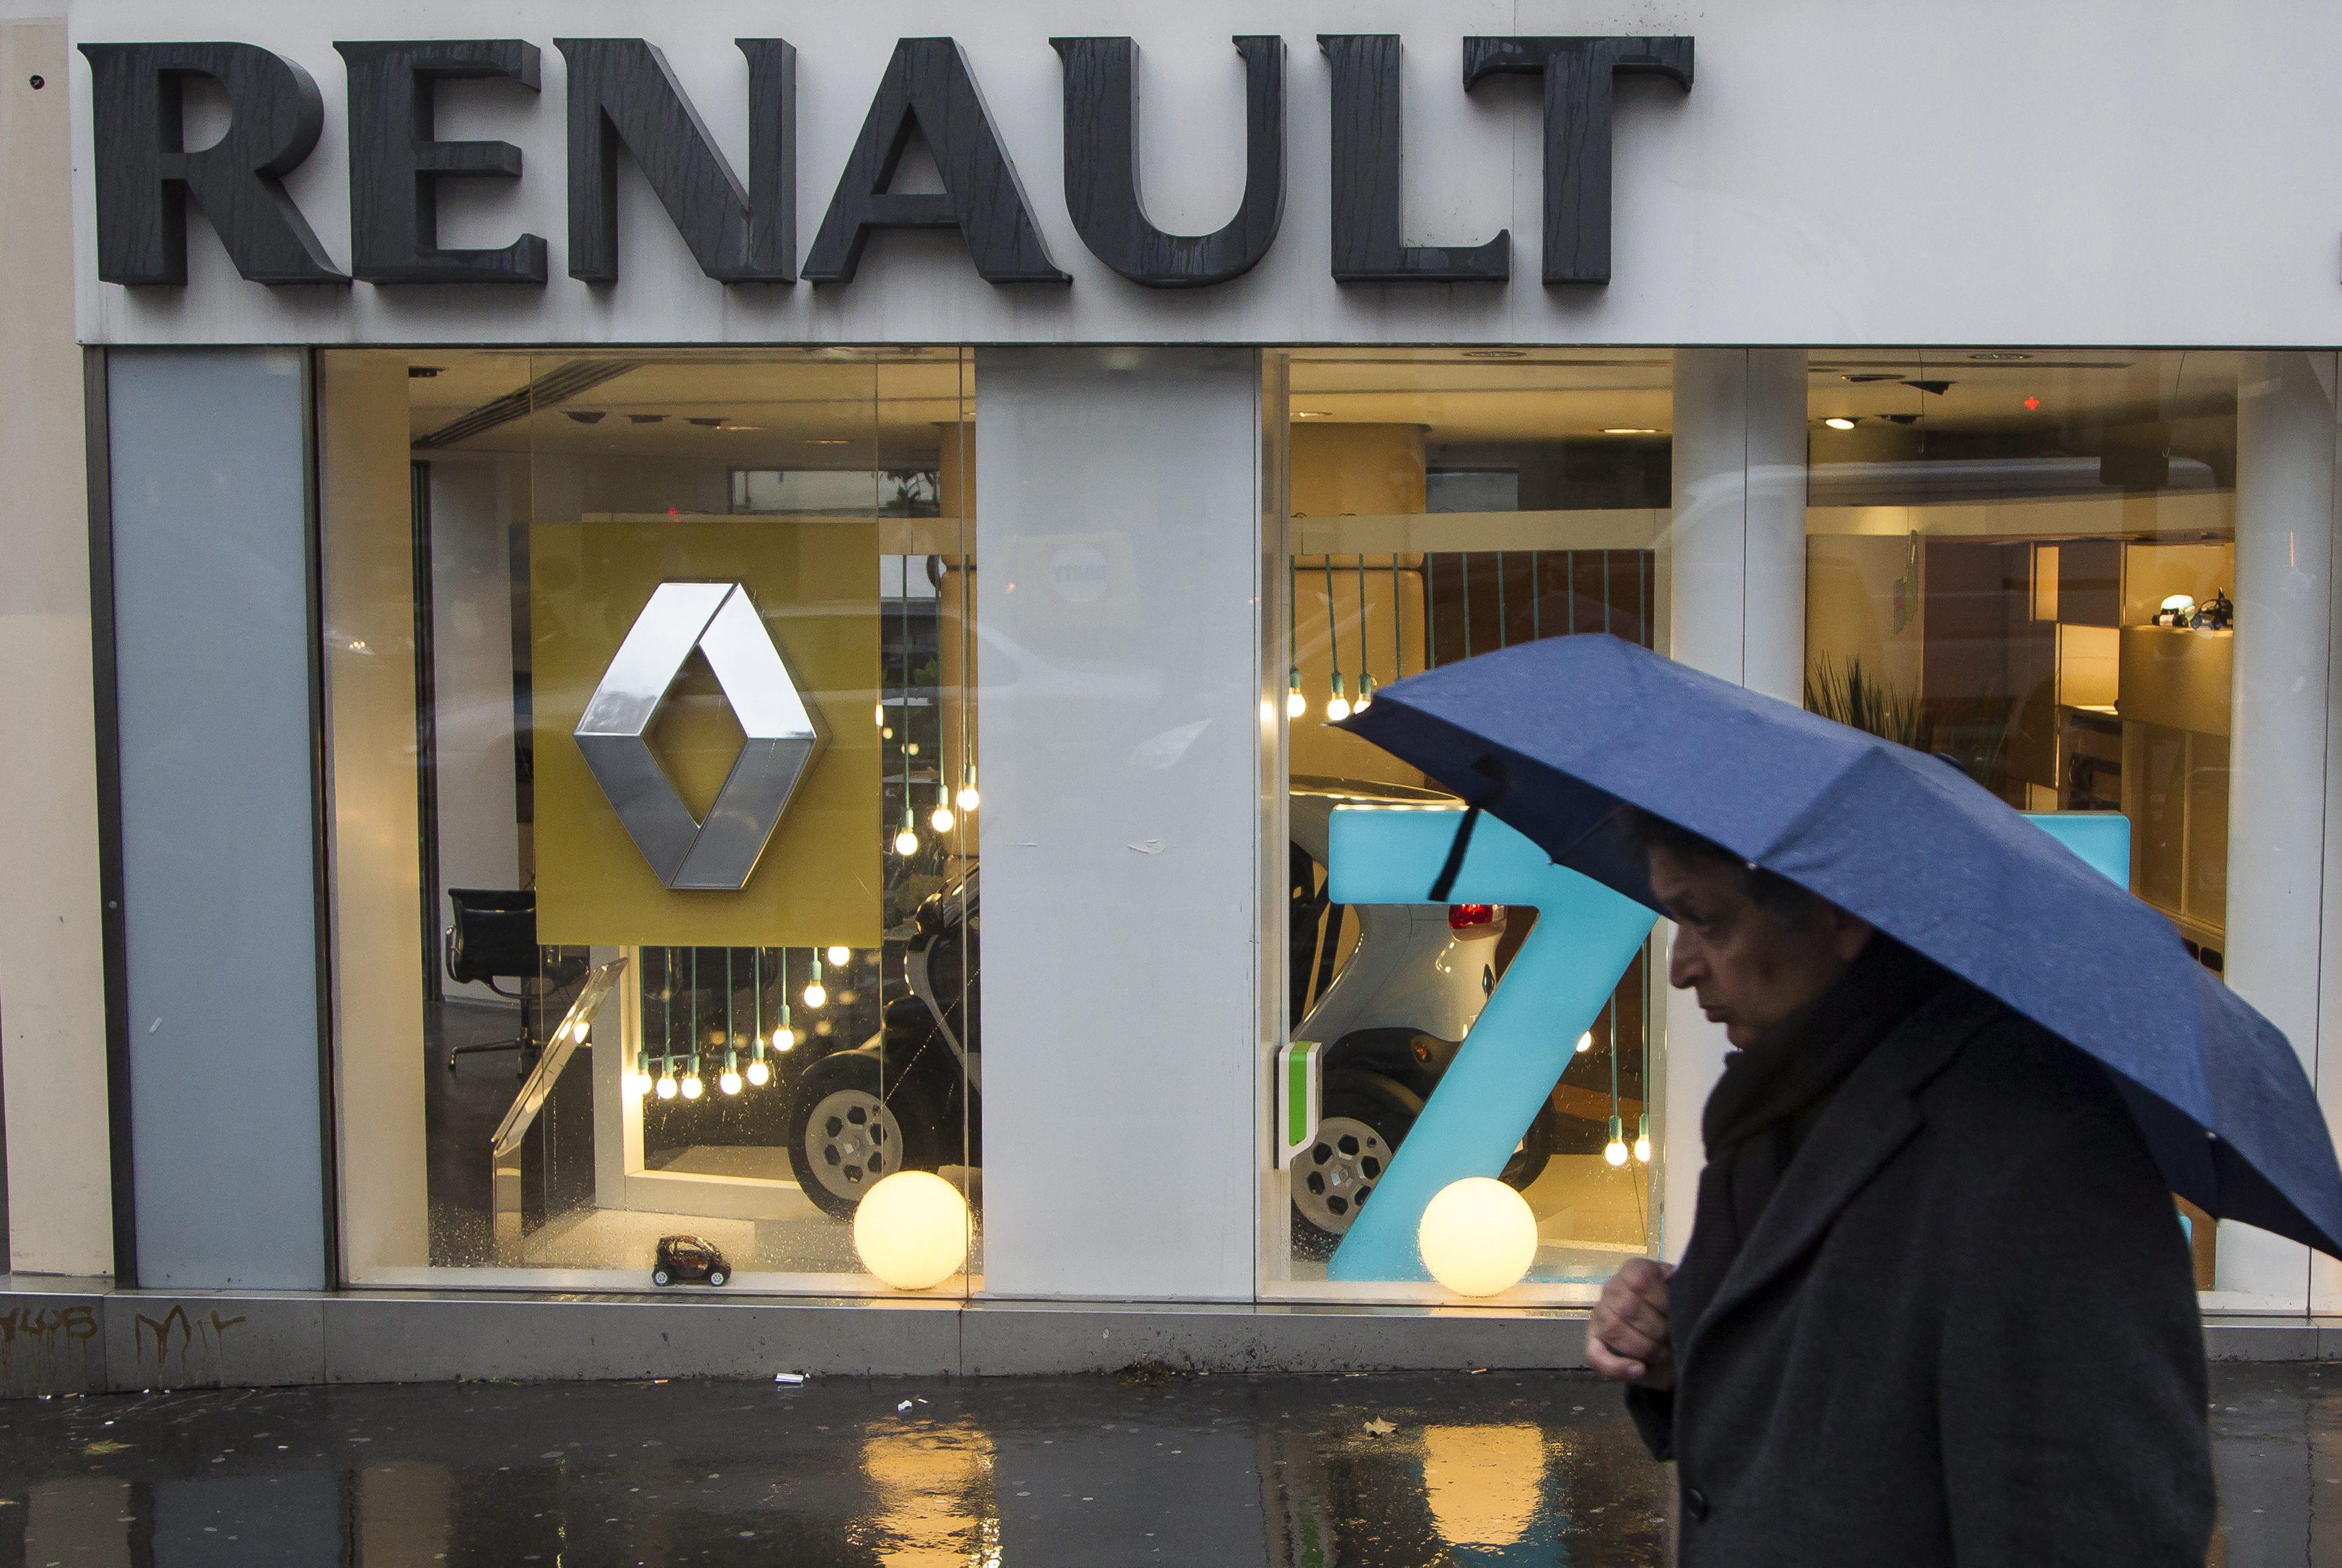 През 2020 г.: Renault с историческа загуба от 8 милиарда евро